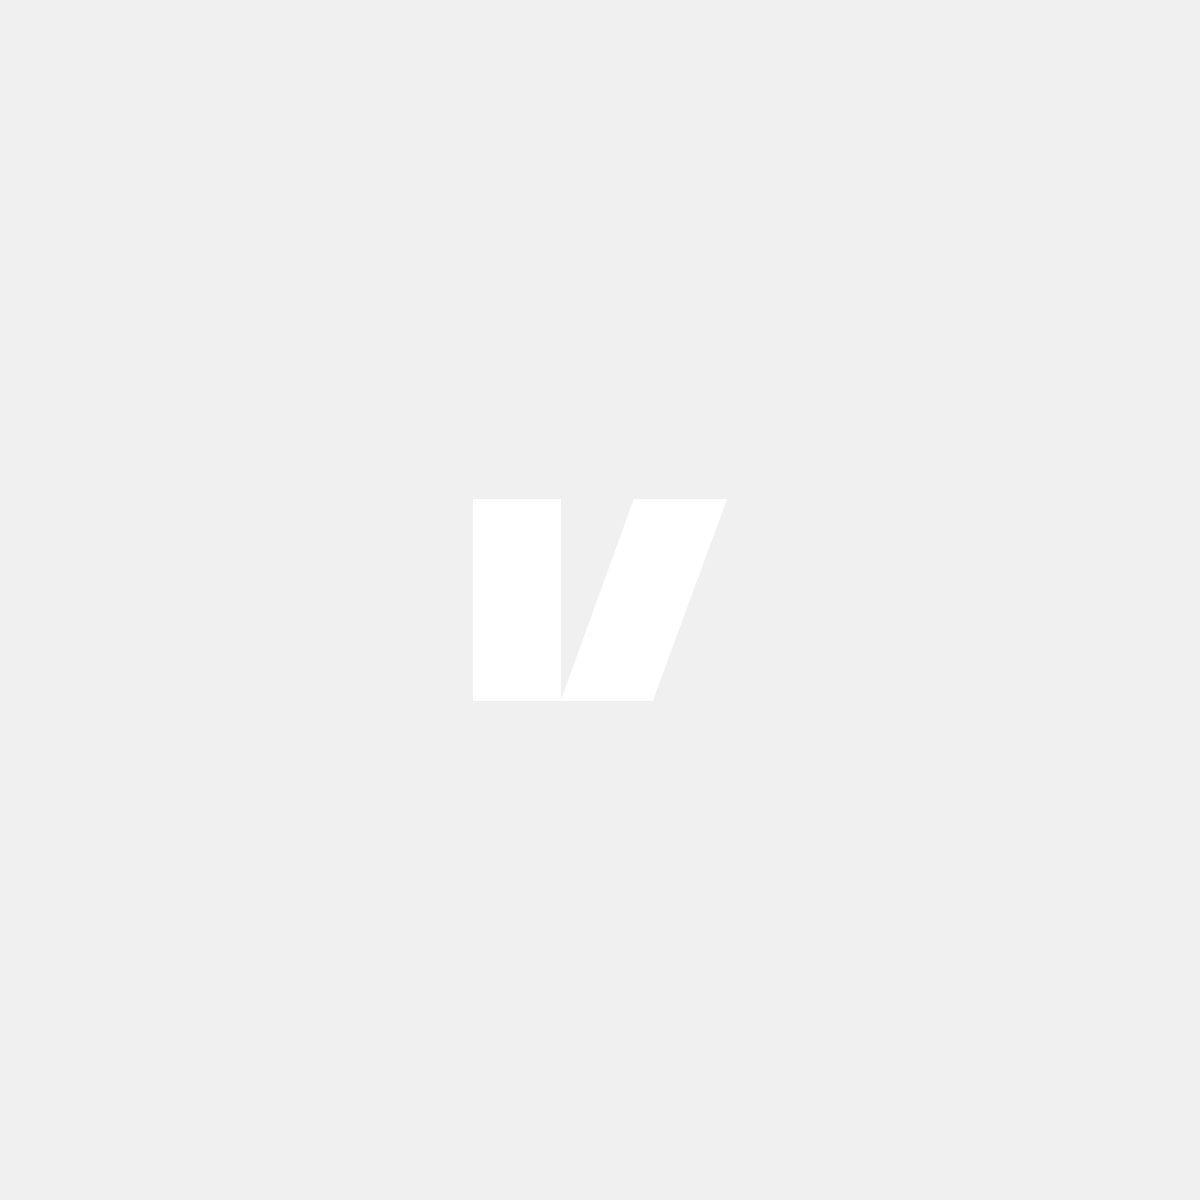 Blanksvarta backspegelkåpor till Volvo XC60, 14-17